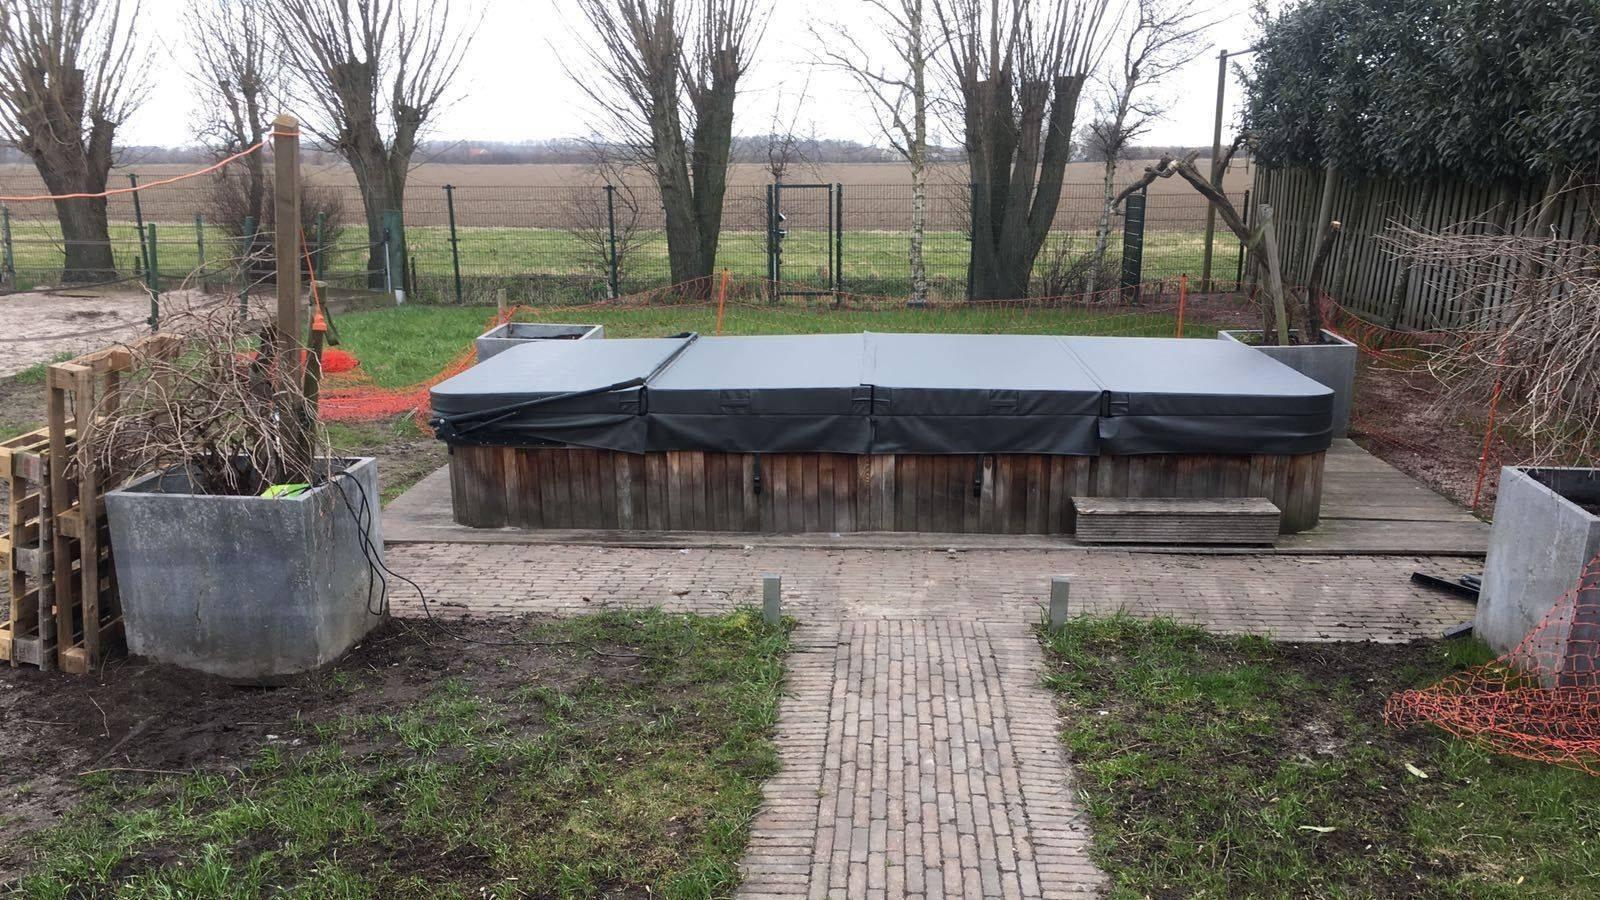 Plaatsing nieuwe zwemspa cover en hydraulische coverlift op een Evolution zwemspa in Zevenbergschen Hoek